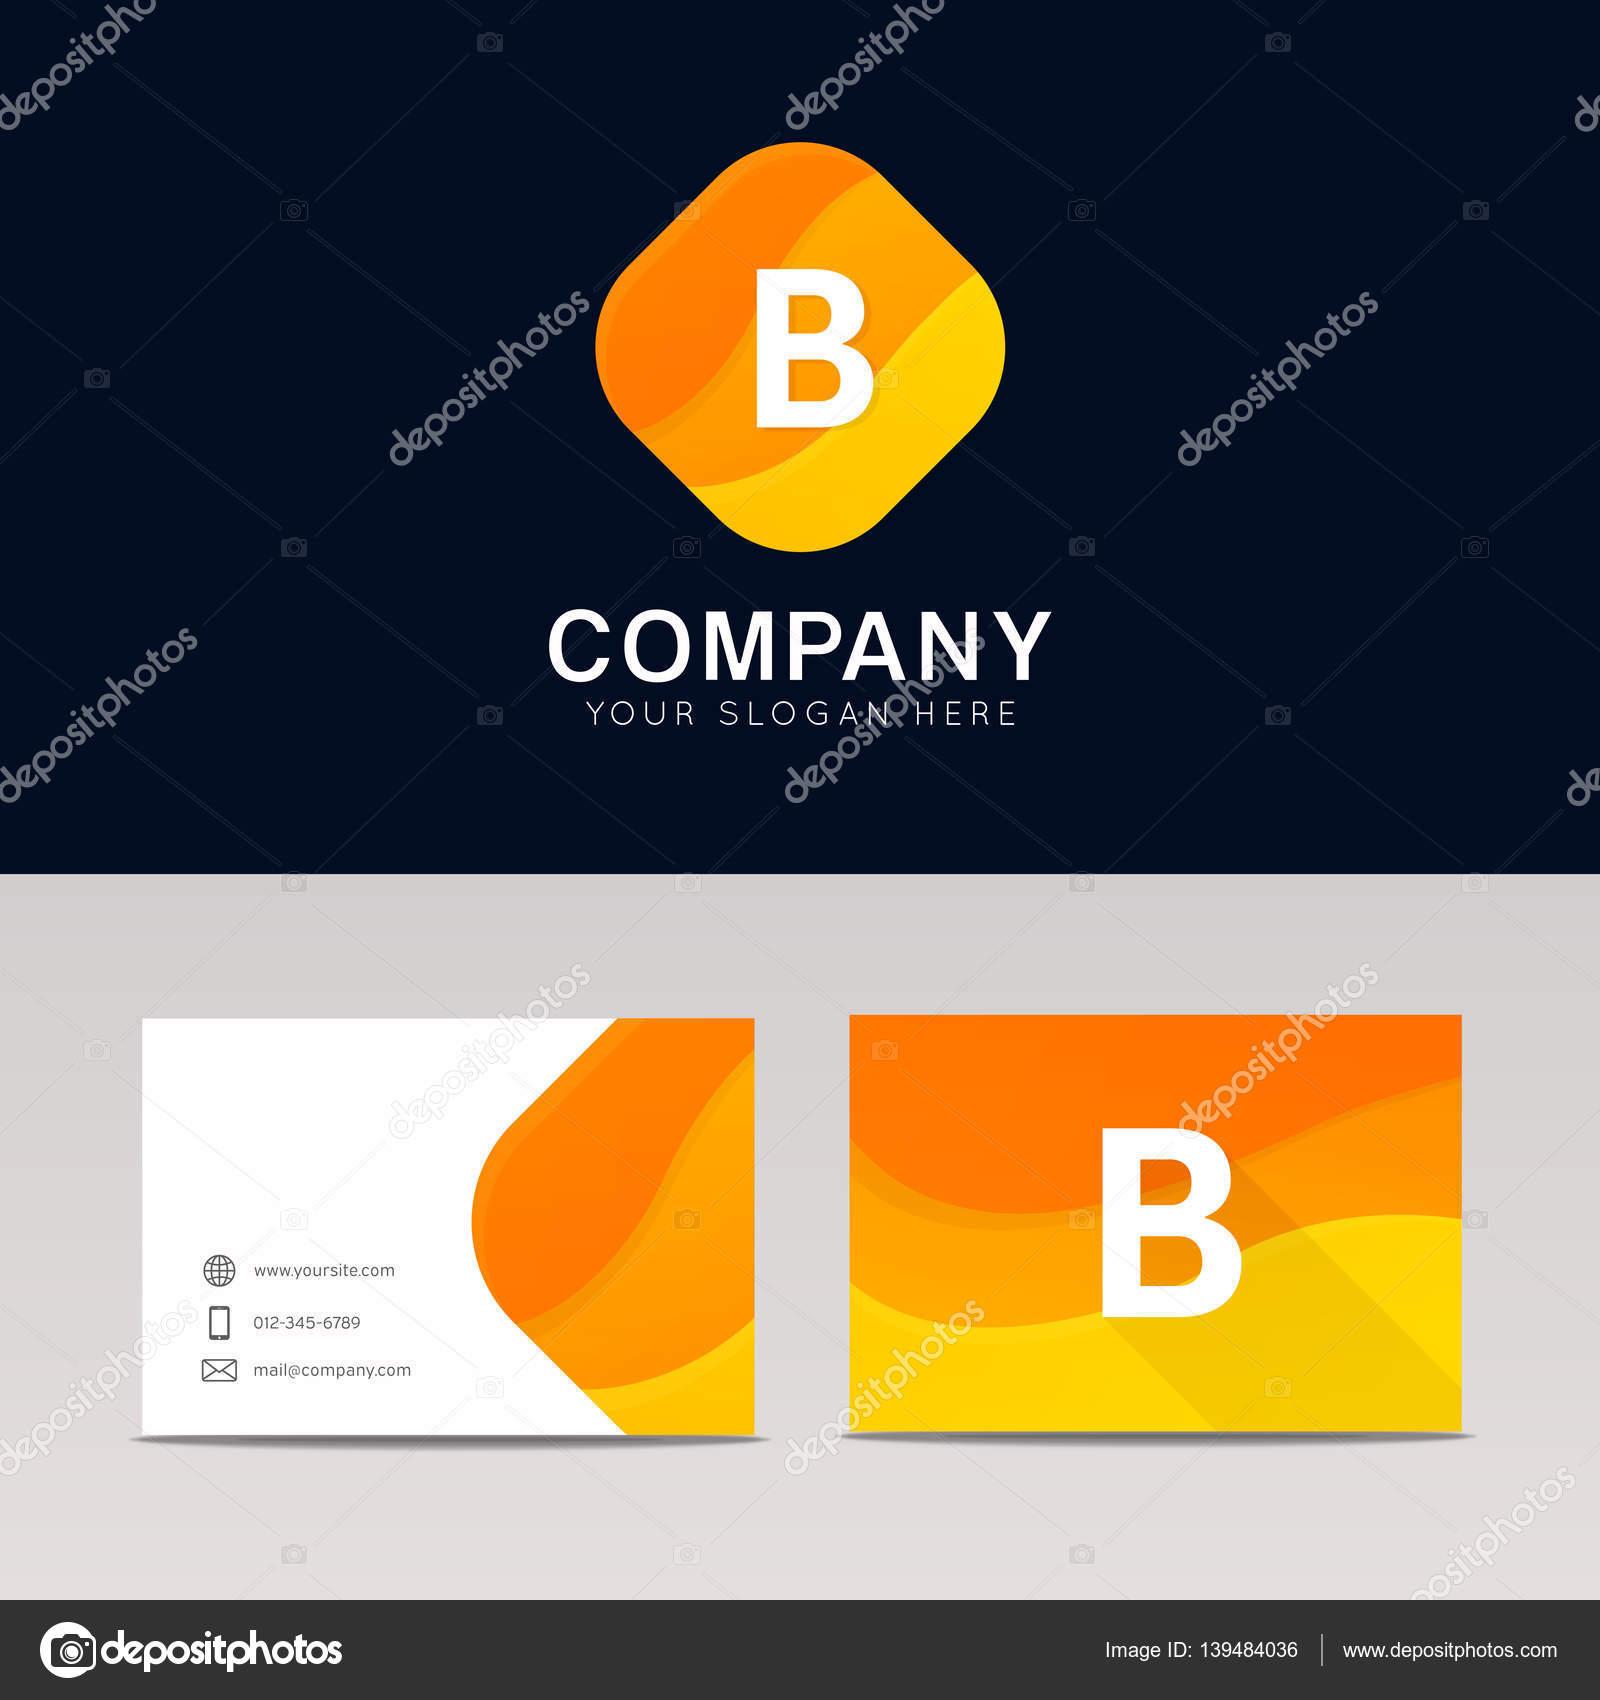 Abstrakte Orange Raute Form B Icon Brief Logo Element Vektor